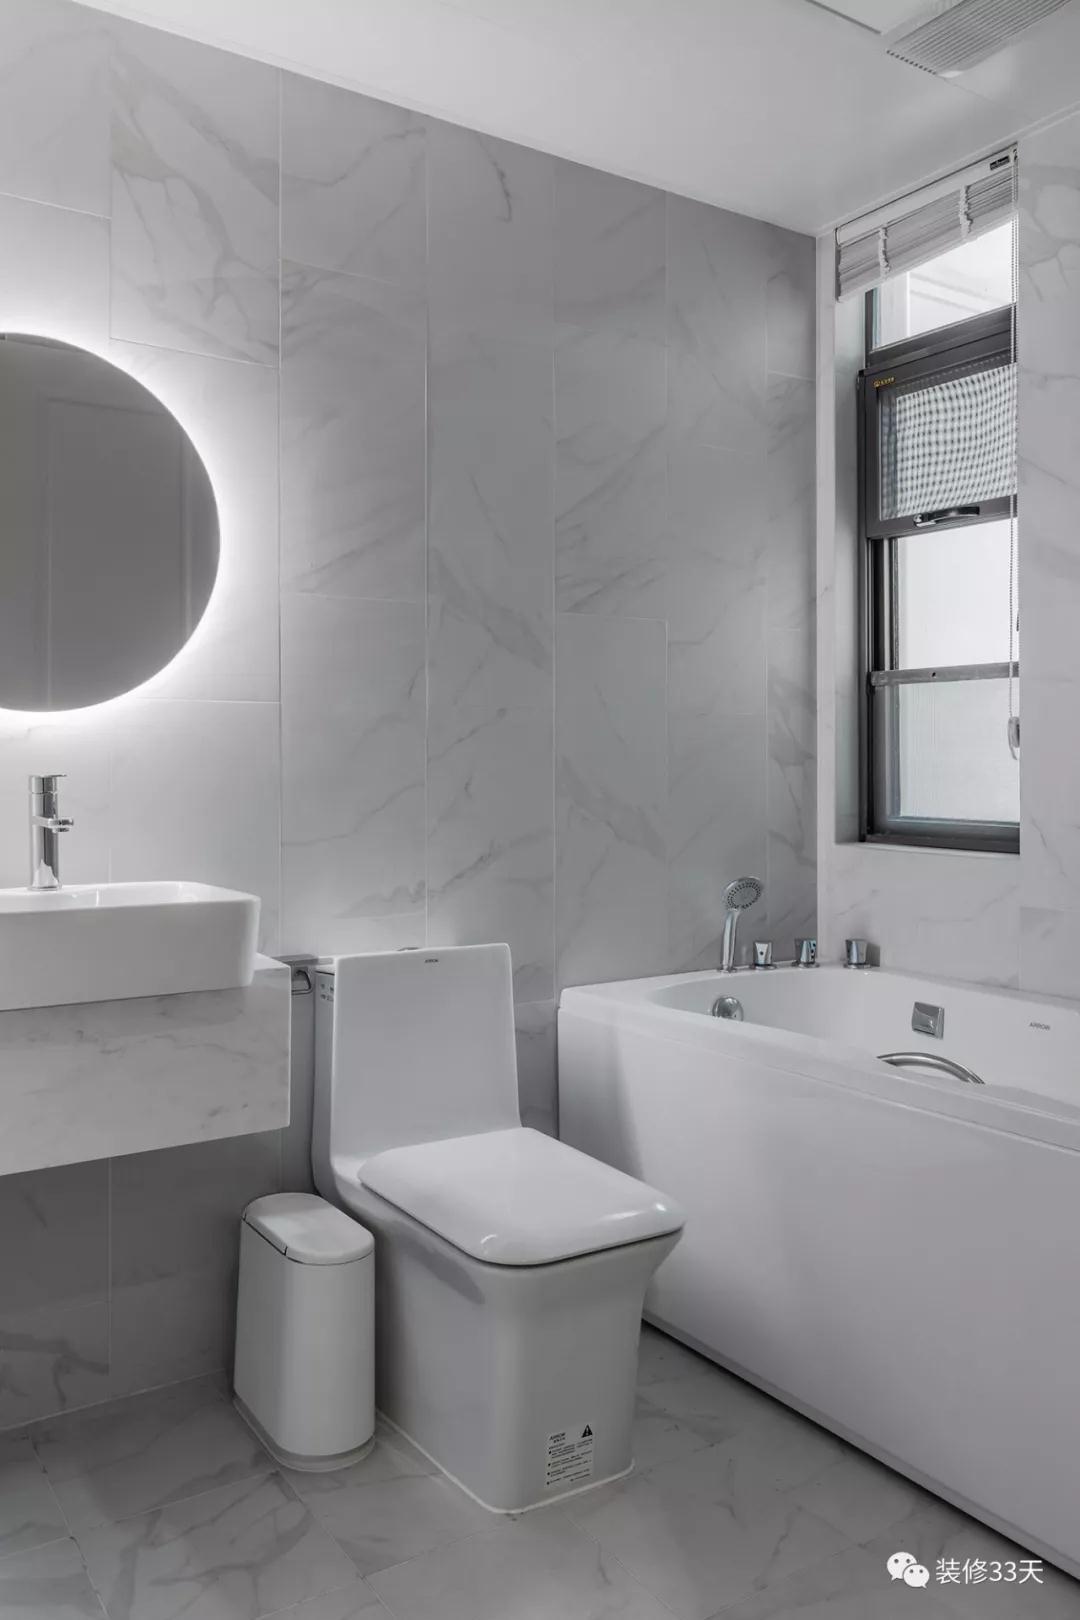 卫生间整体竖贴浅灰色石纹瓷砖,悬挂式台盆柜点缀自带光源的墙镜